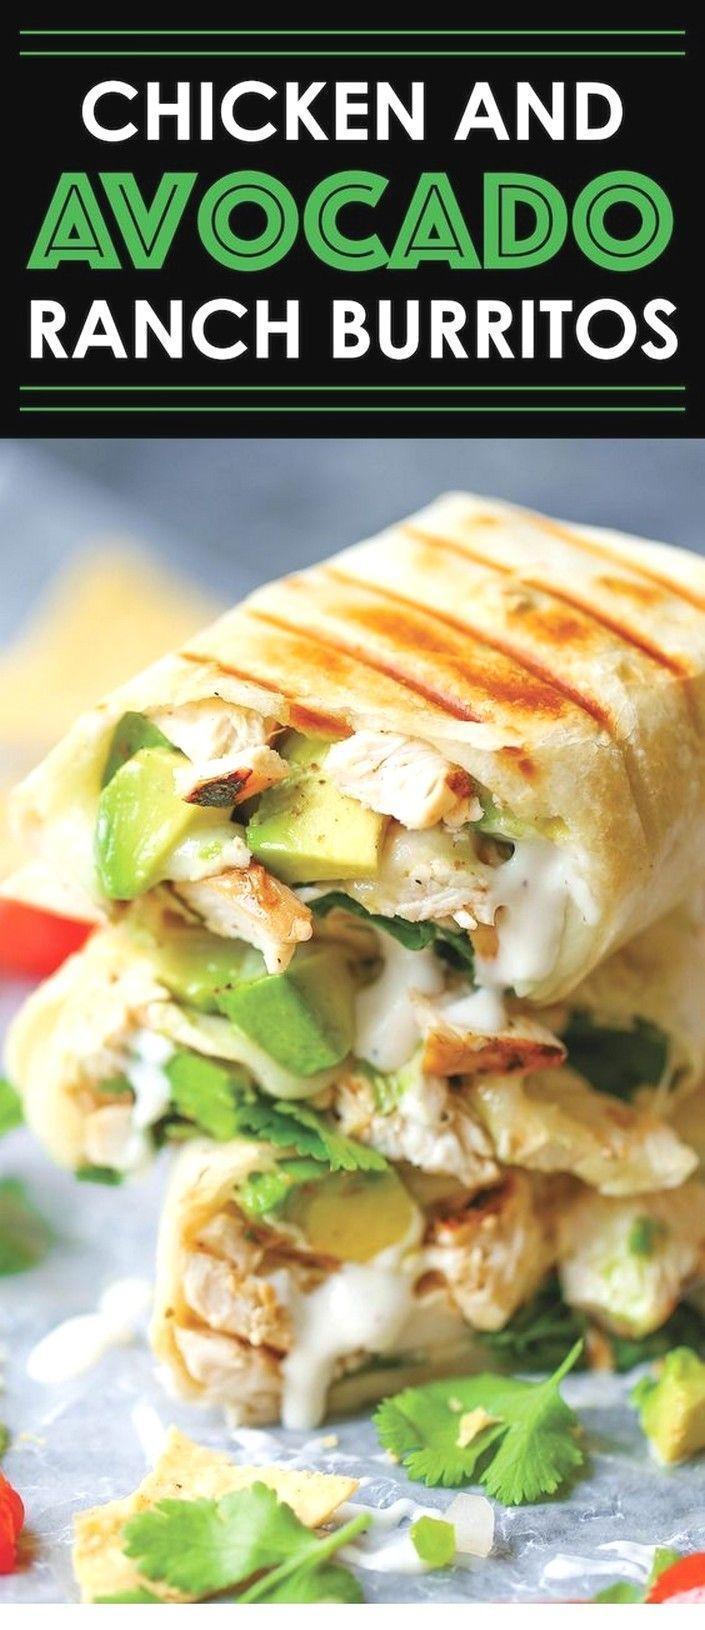 Chicken And Avocado Ranch Burritos | Avocado Recipes - Dinner - - Chicken And Avocado Ranch Burrito